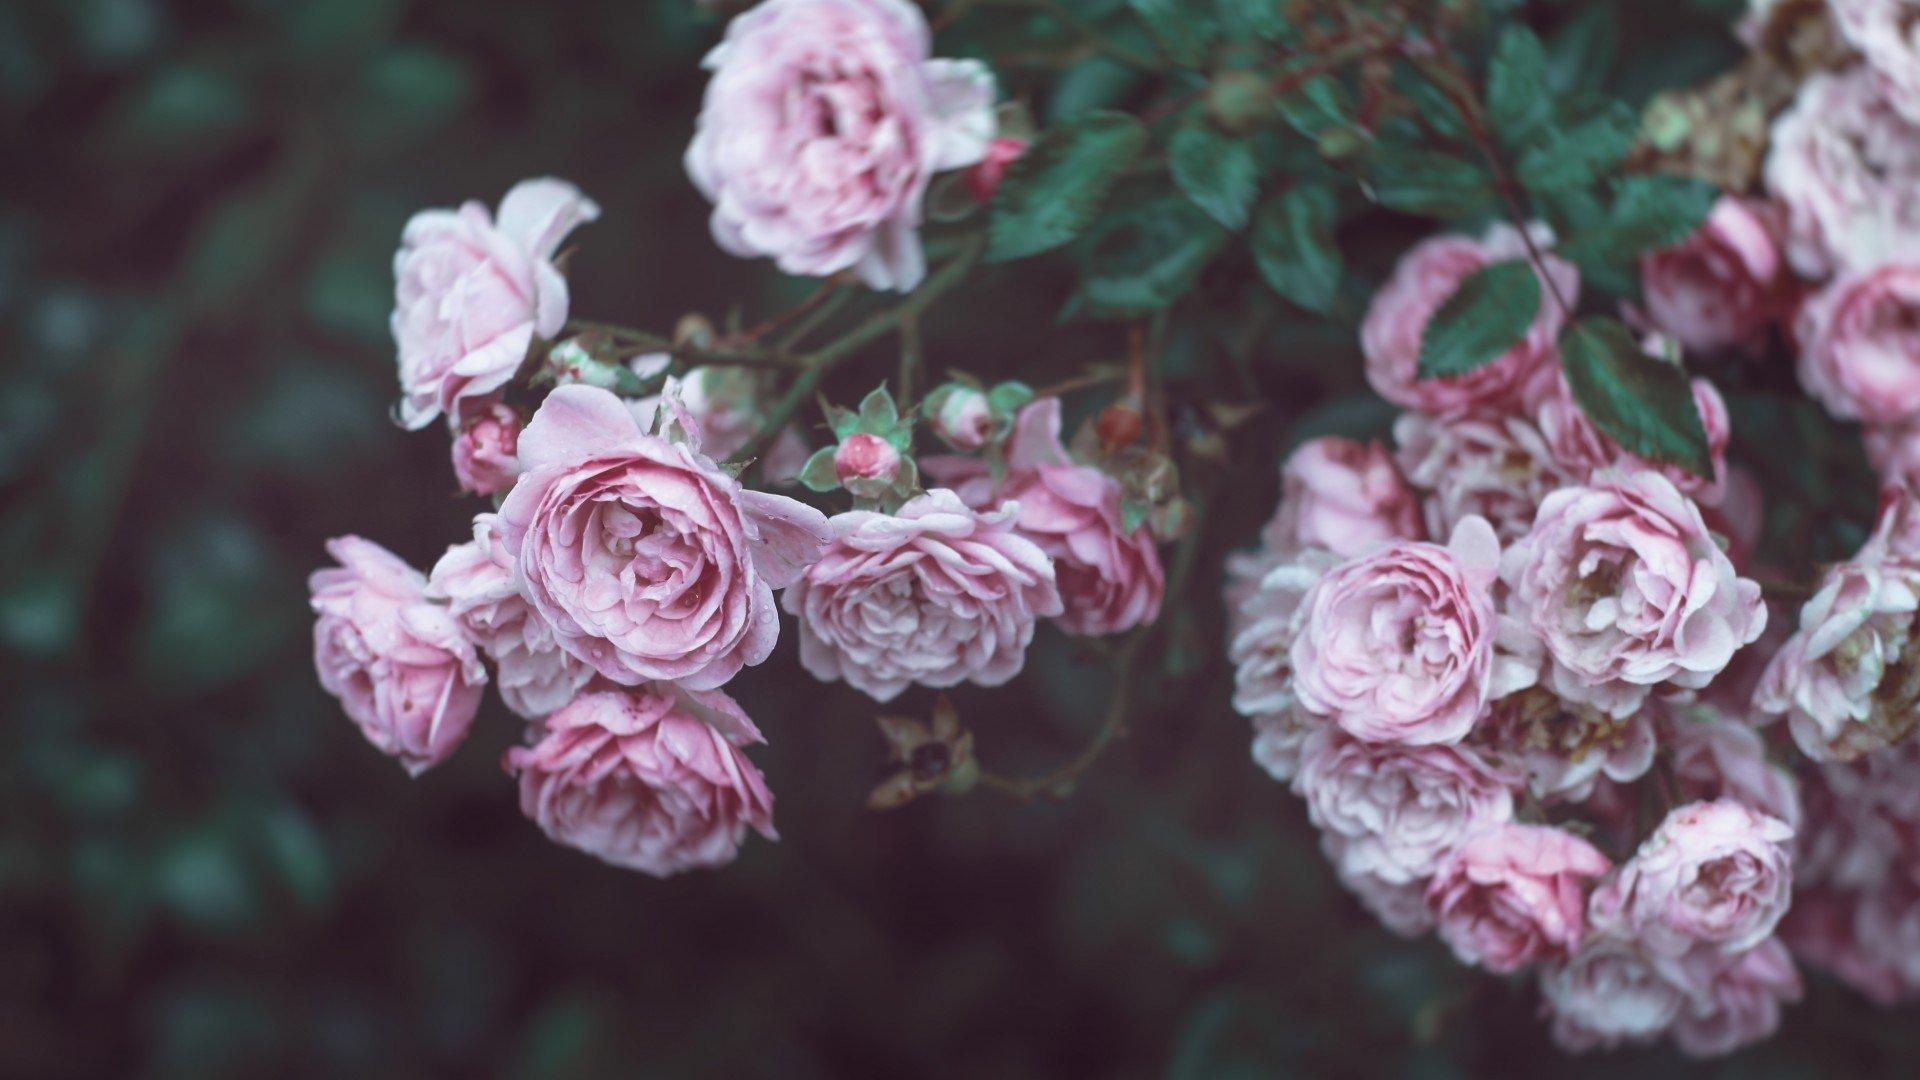 Aesthetic Rose Wallpaper Download Full